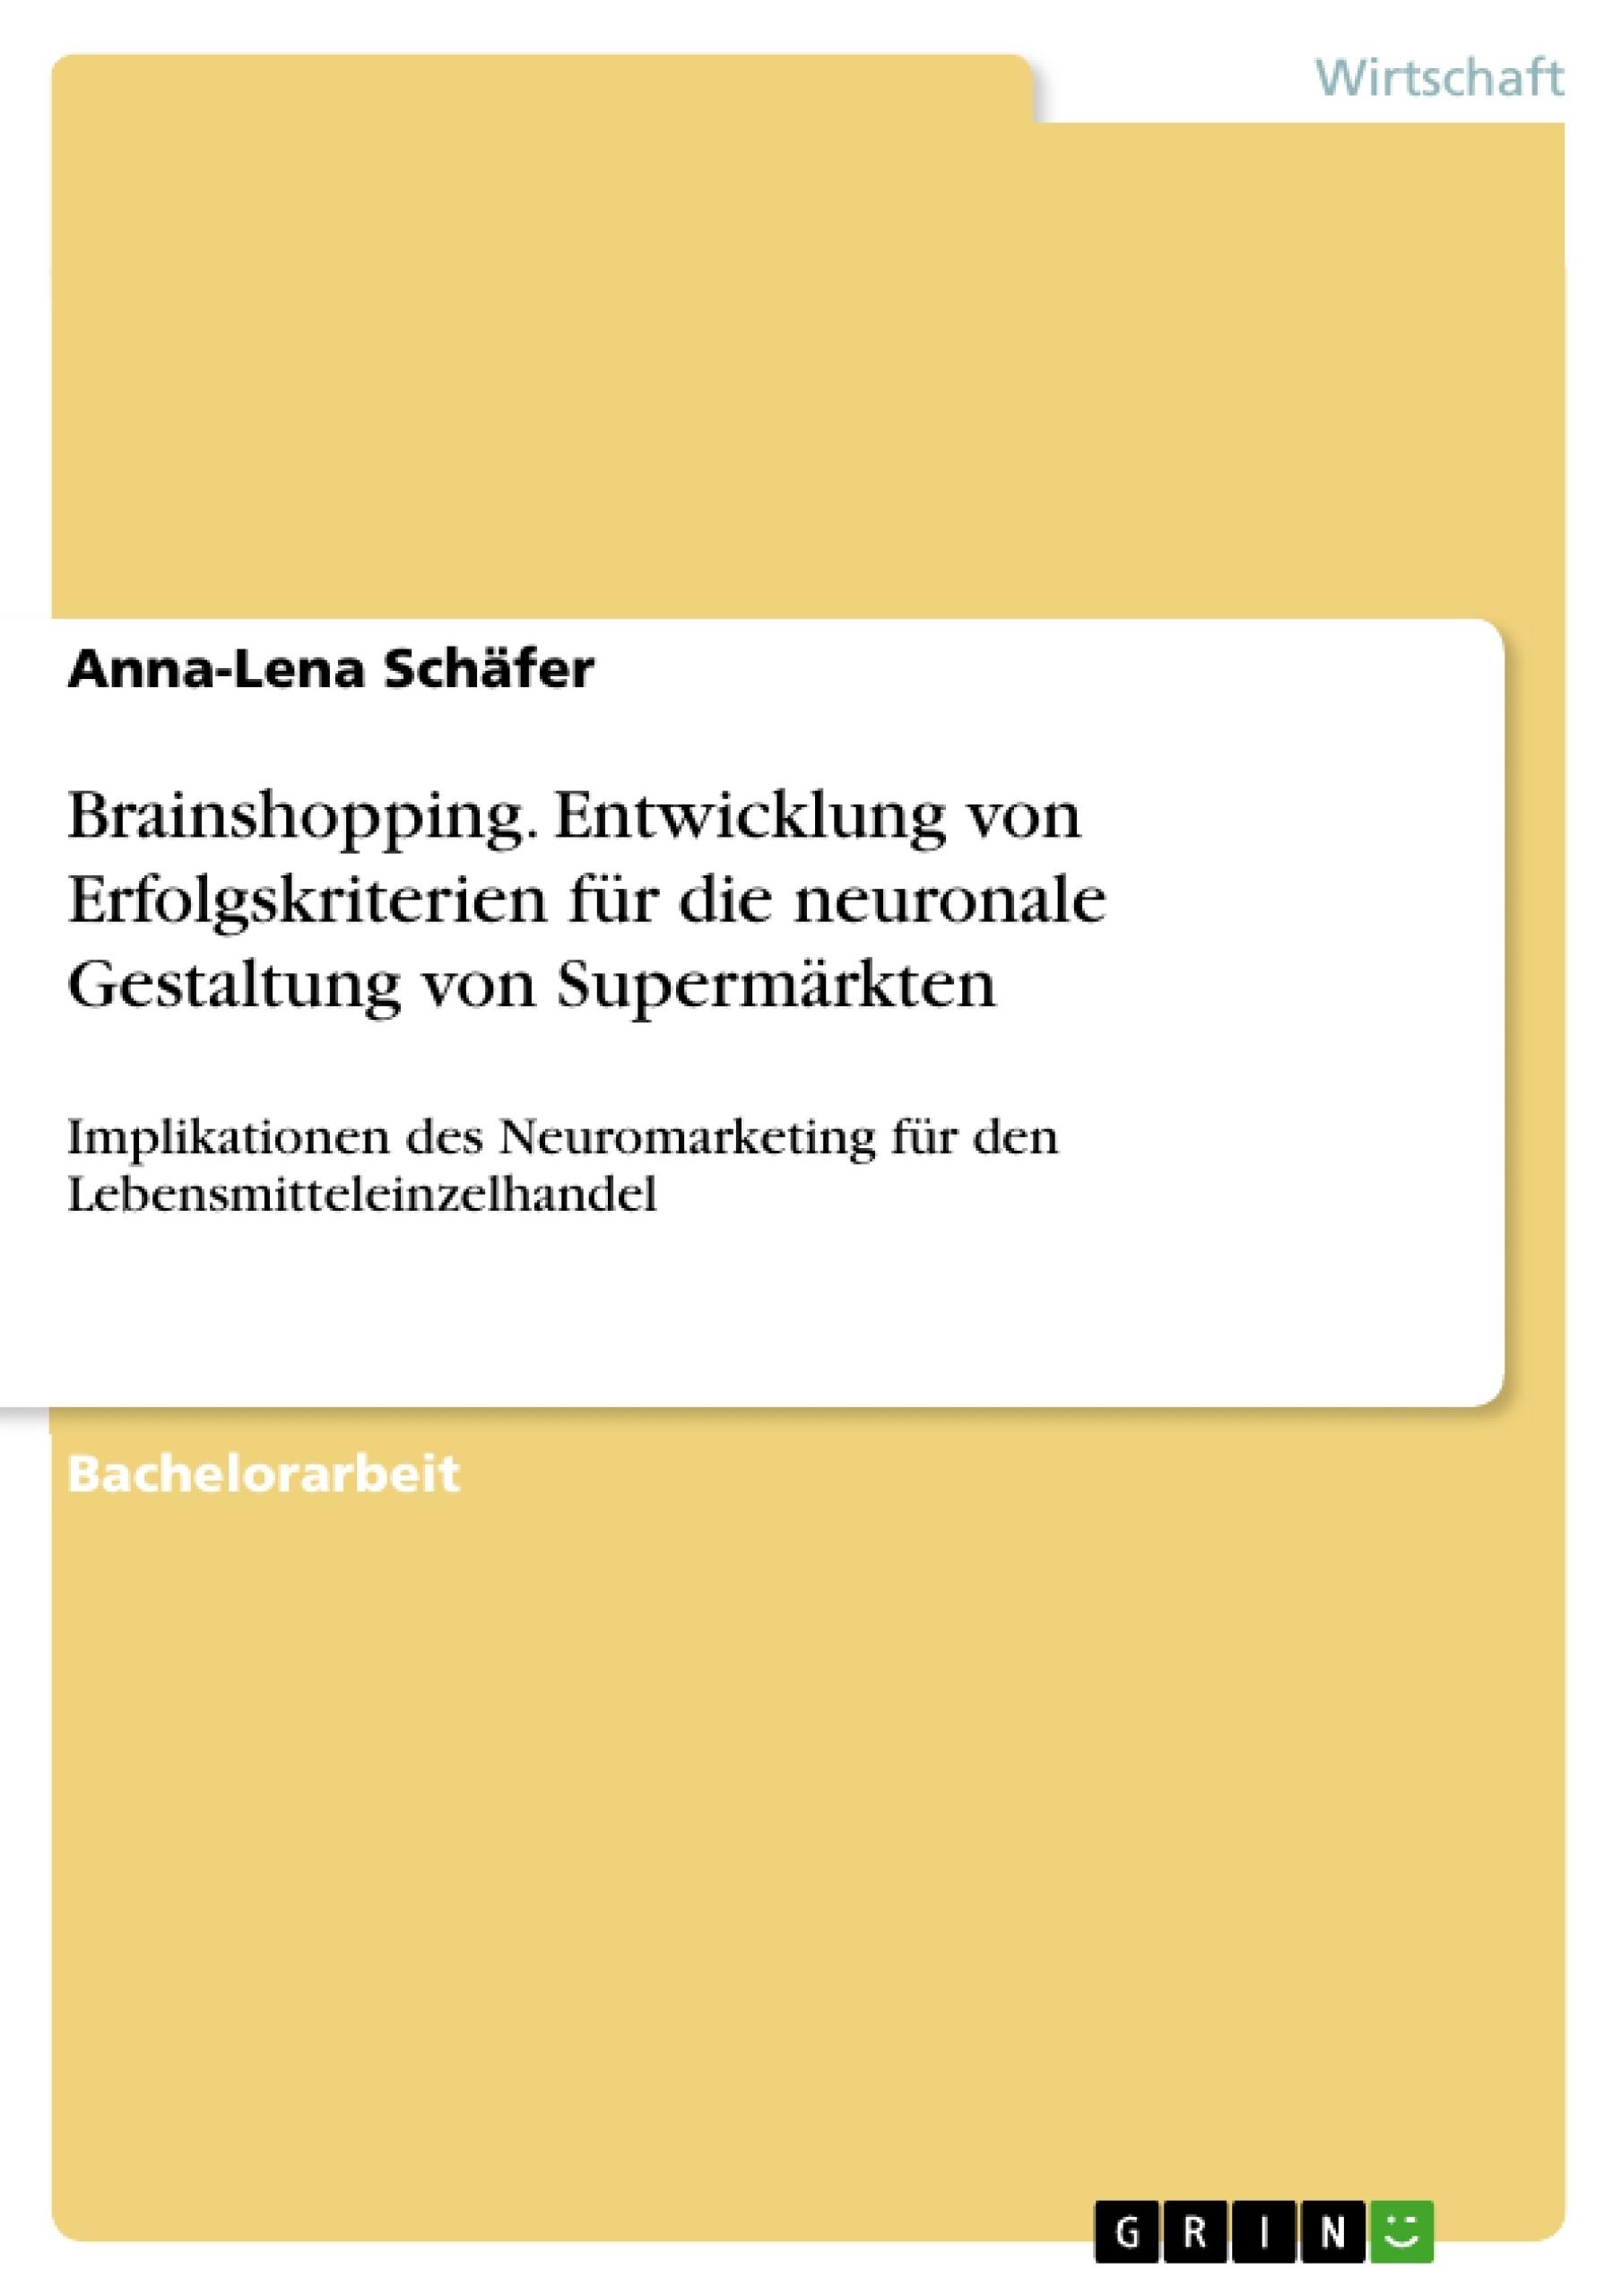 Titel: Brainshopping. Entwicklung von Erfolgskriterien für die neuronale Gestaltung von Supermärkten